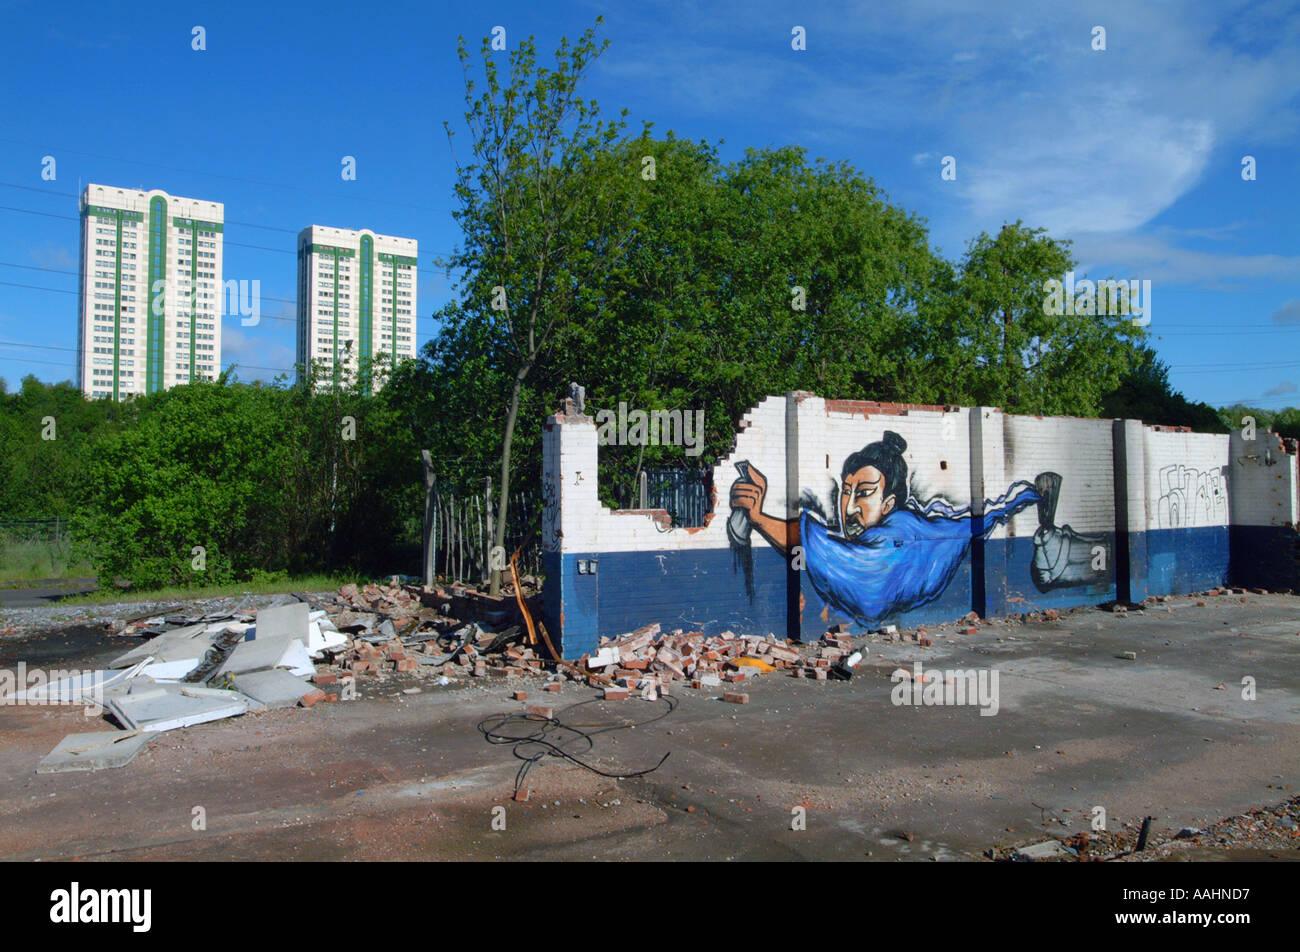 Graffiti wall art uk - Stock Photo Stockport Graffiti Wall Art Genii Genie North West Uk Europe